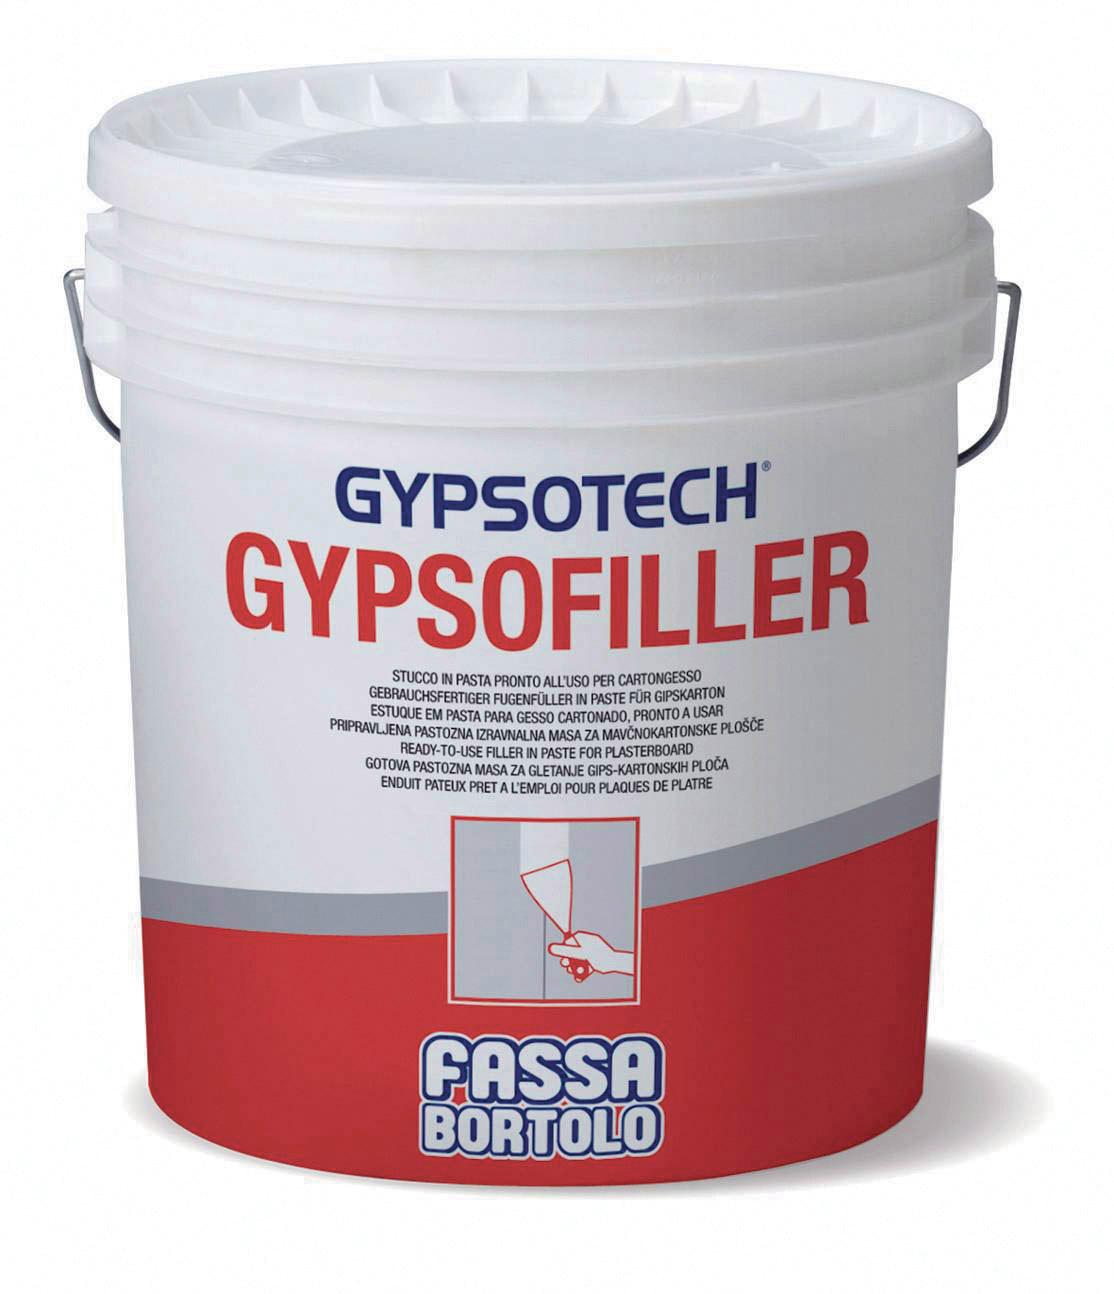 GYPSOFILLER: Enduit à joint en pâte prêt à l'emploi pour plaques de plâtre